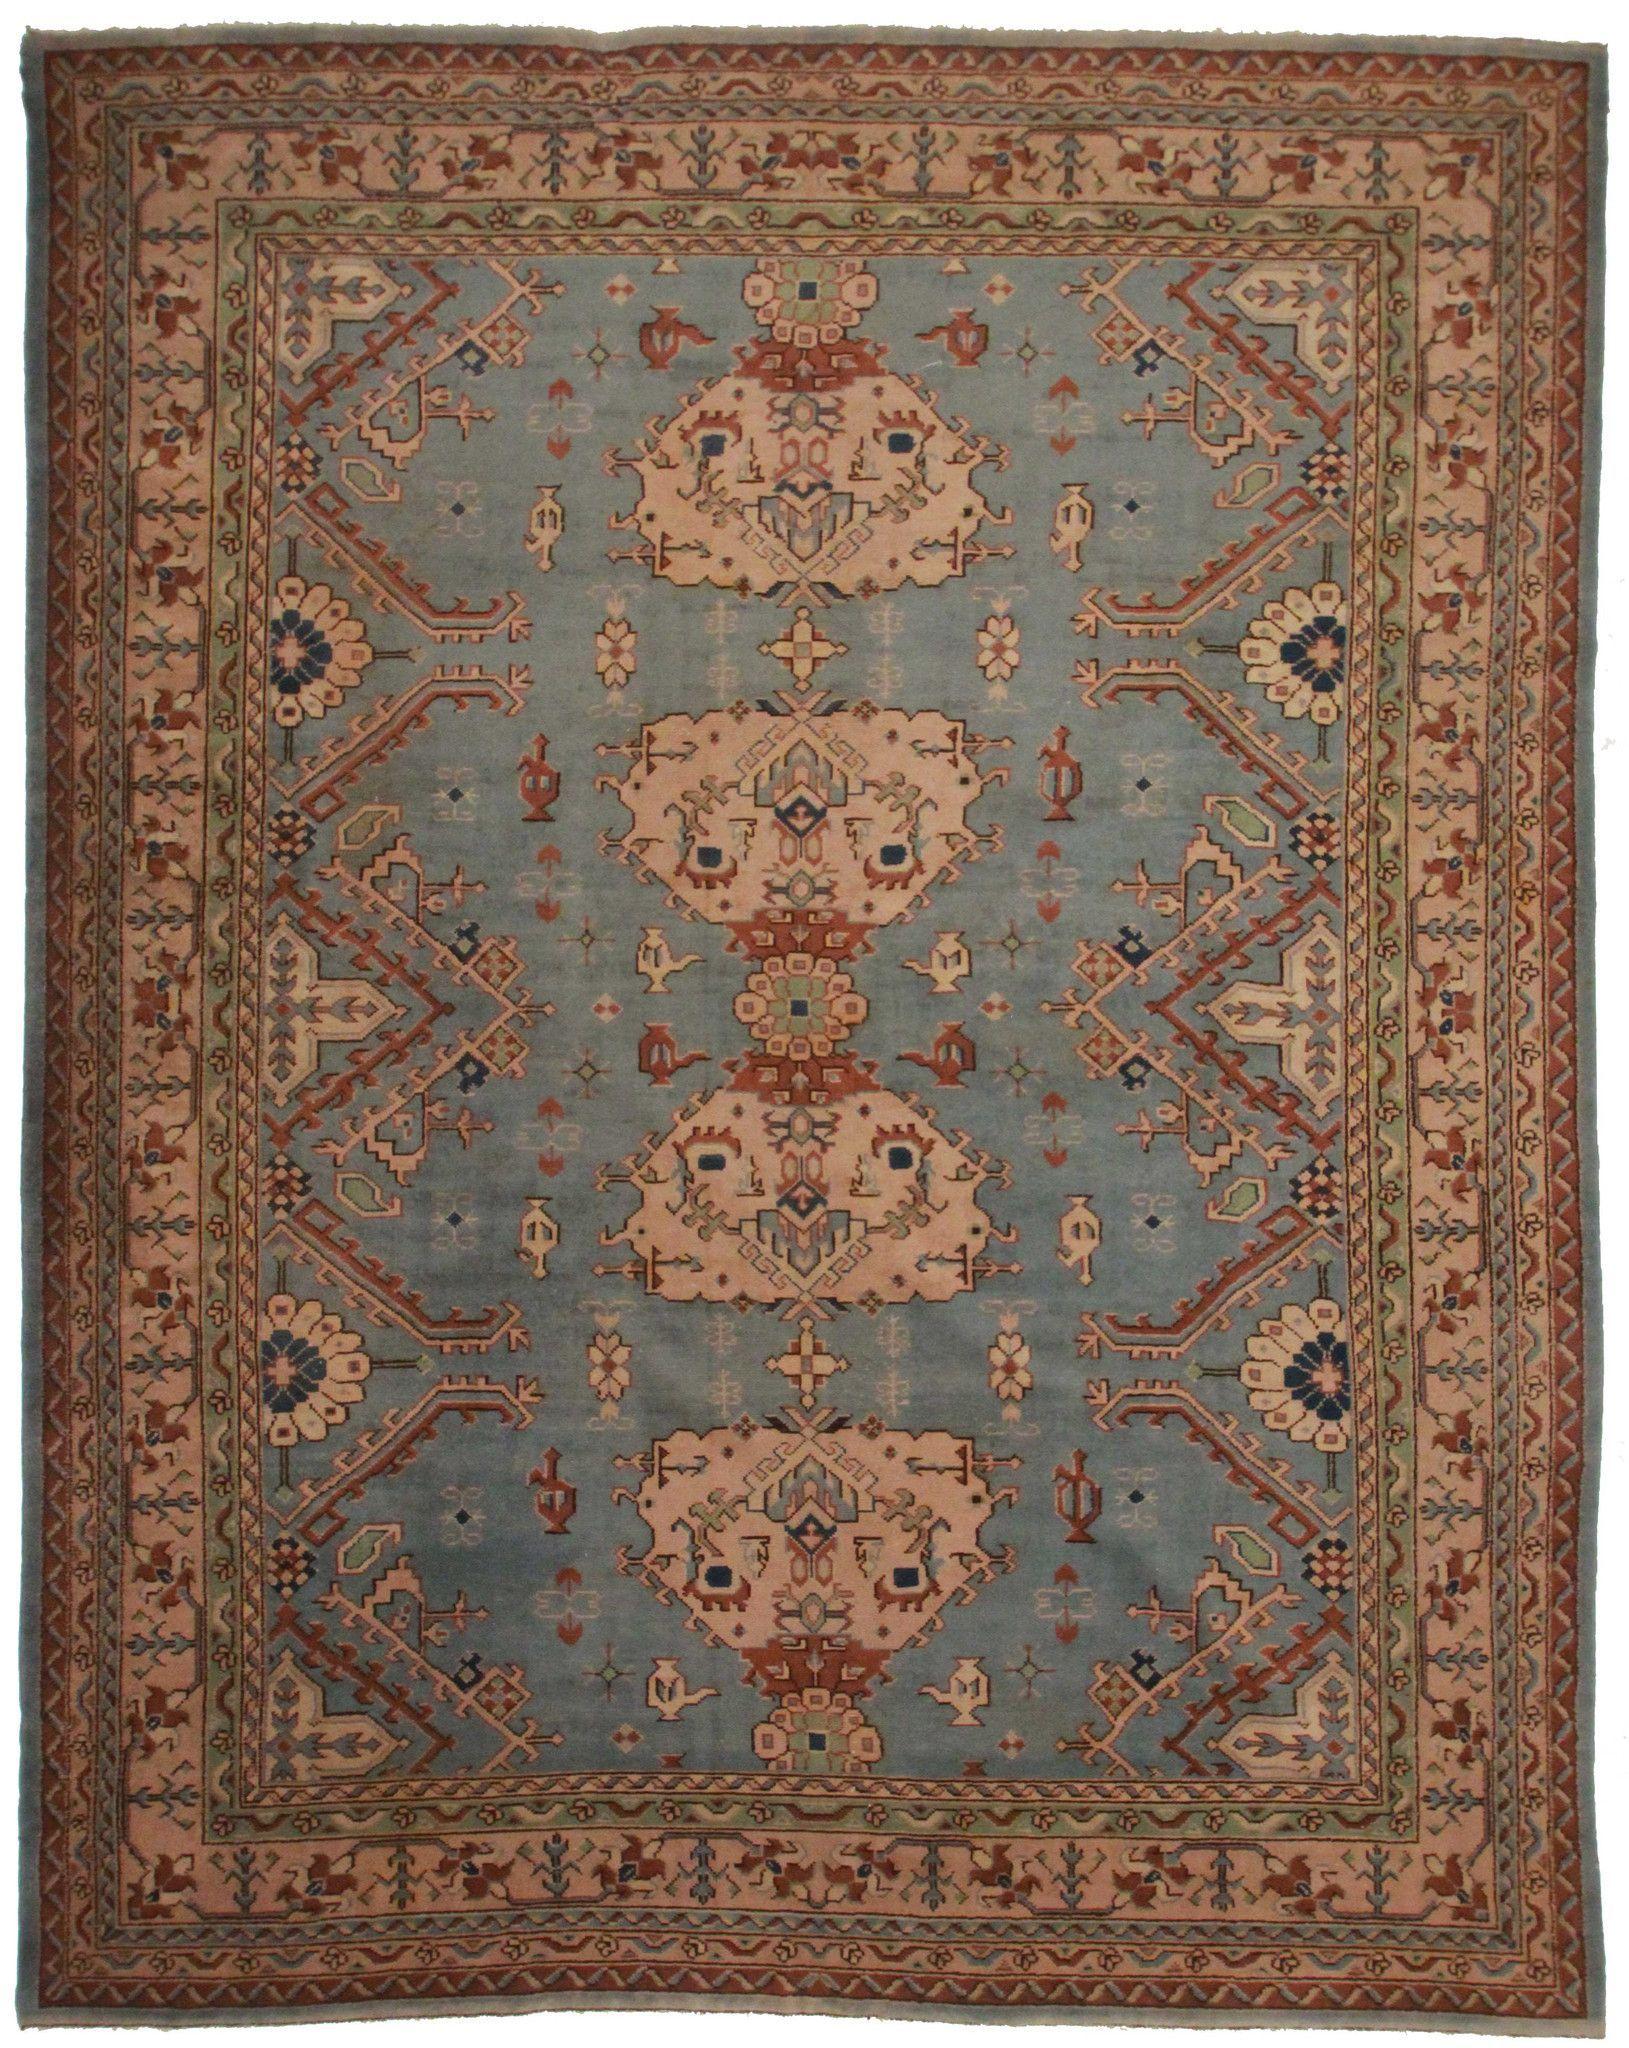 10 12 11 Antique Turkish Oushak Rug I Wish